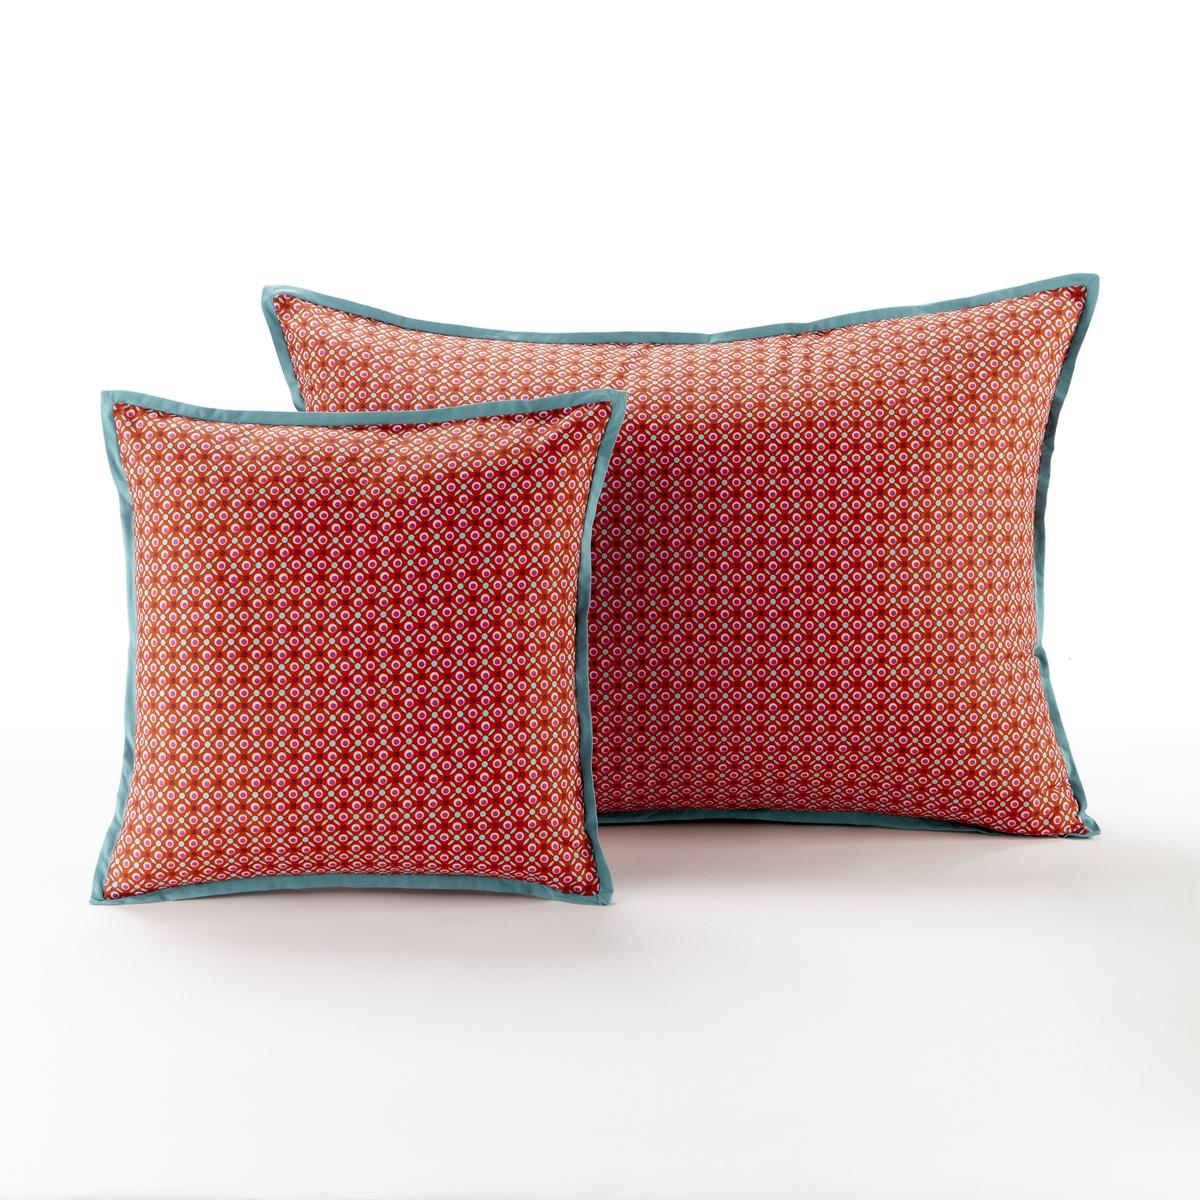 Наволочка на подушку-валик или подушку, NILARНаволочка на подушку-валик или подушку, NILAR . Мягкий и шелковистый на ощупь материал самого высокого качества подарит Вам ни с чем не сравнимое удовольствие.Характеристики наволочки на подушку-валик или подушку, NILAR  :Не стеганая. Галстучный рисунок с преобладанием красного цвета. Контрастные края бирюзового цвета. Застежка на скрытую молнию.Состав наволочки на подушку-валик или подушку , NILAR  :Перкаль, 100% хлопкаМашинная стирка при 40 °СРазмеры наволочки :40 x 40 см50 x 70 смПроизводство осуществляется с учетом стандартов по защите окружающей среды и здоровья человека, что подтверждено сертификатом Oeko-tex®.<br><br>Цвет: красный/сливовый<br>Размер: 50 x 70  см